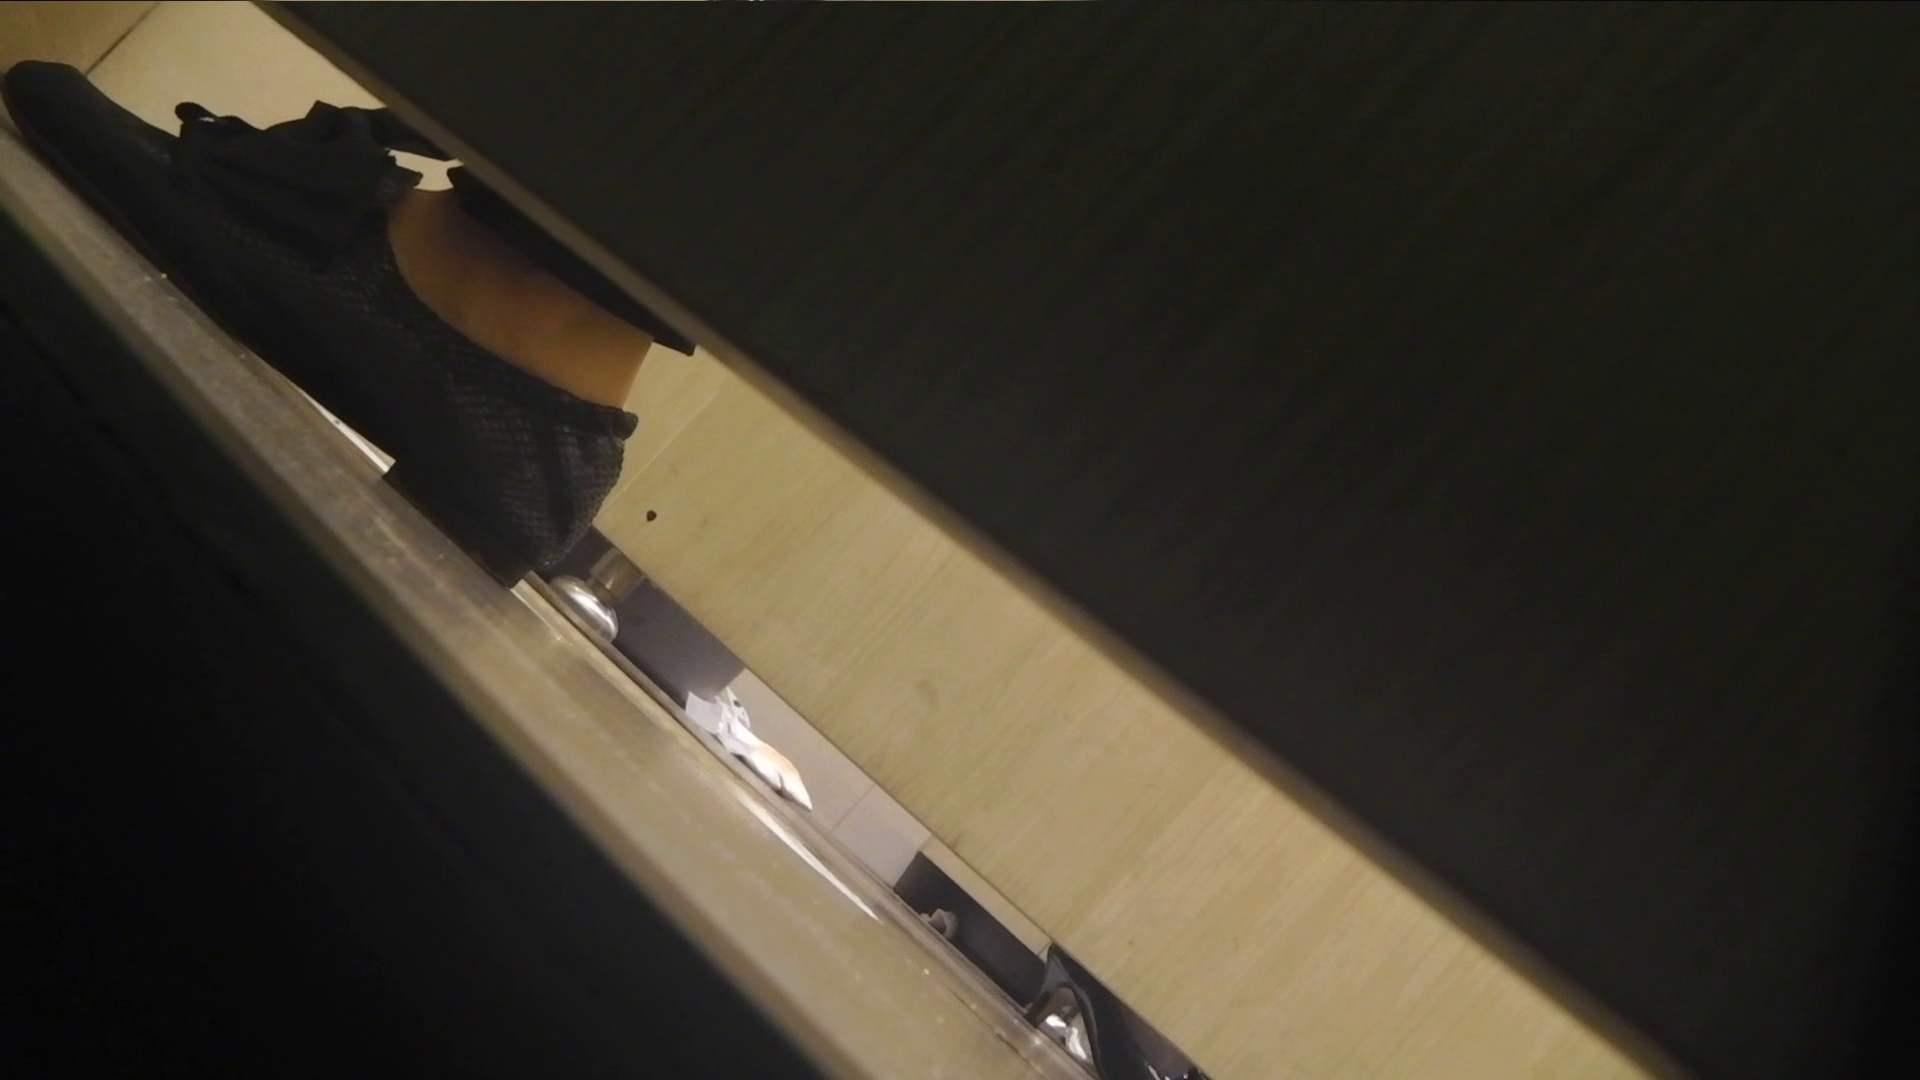 阿国ちゃんの「和式洋式七変化」No.17 洗面所   丸見えマンコ  95画像 87